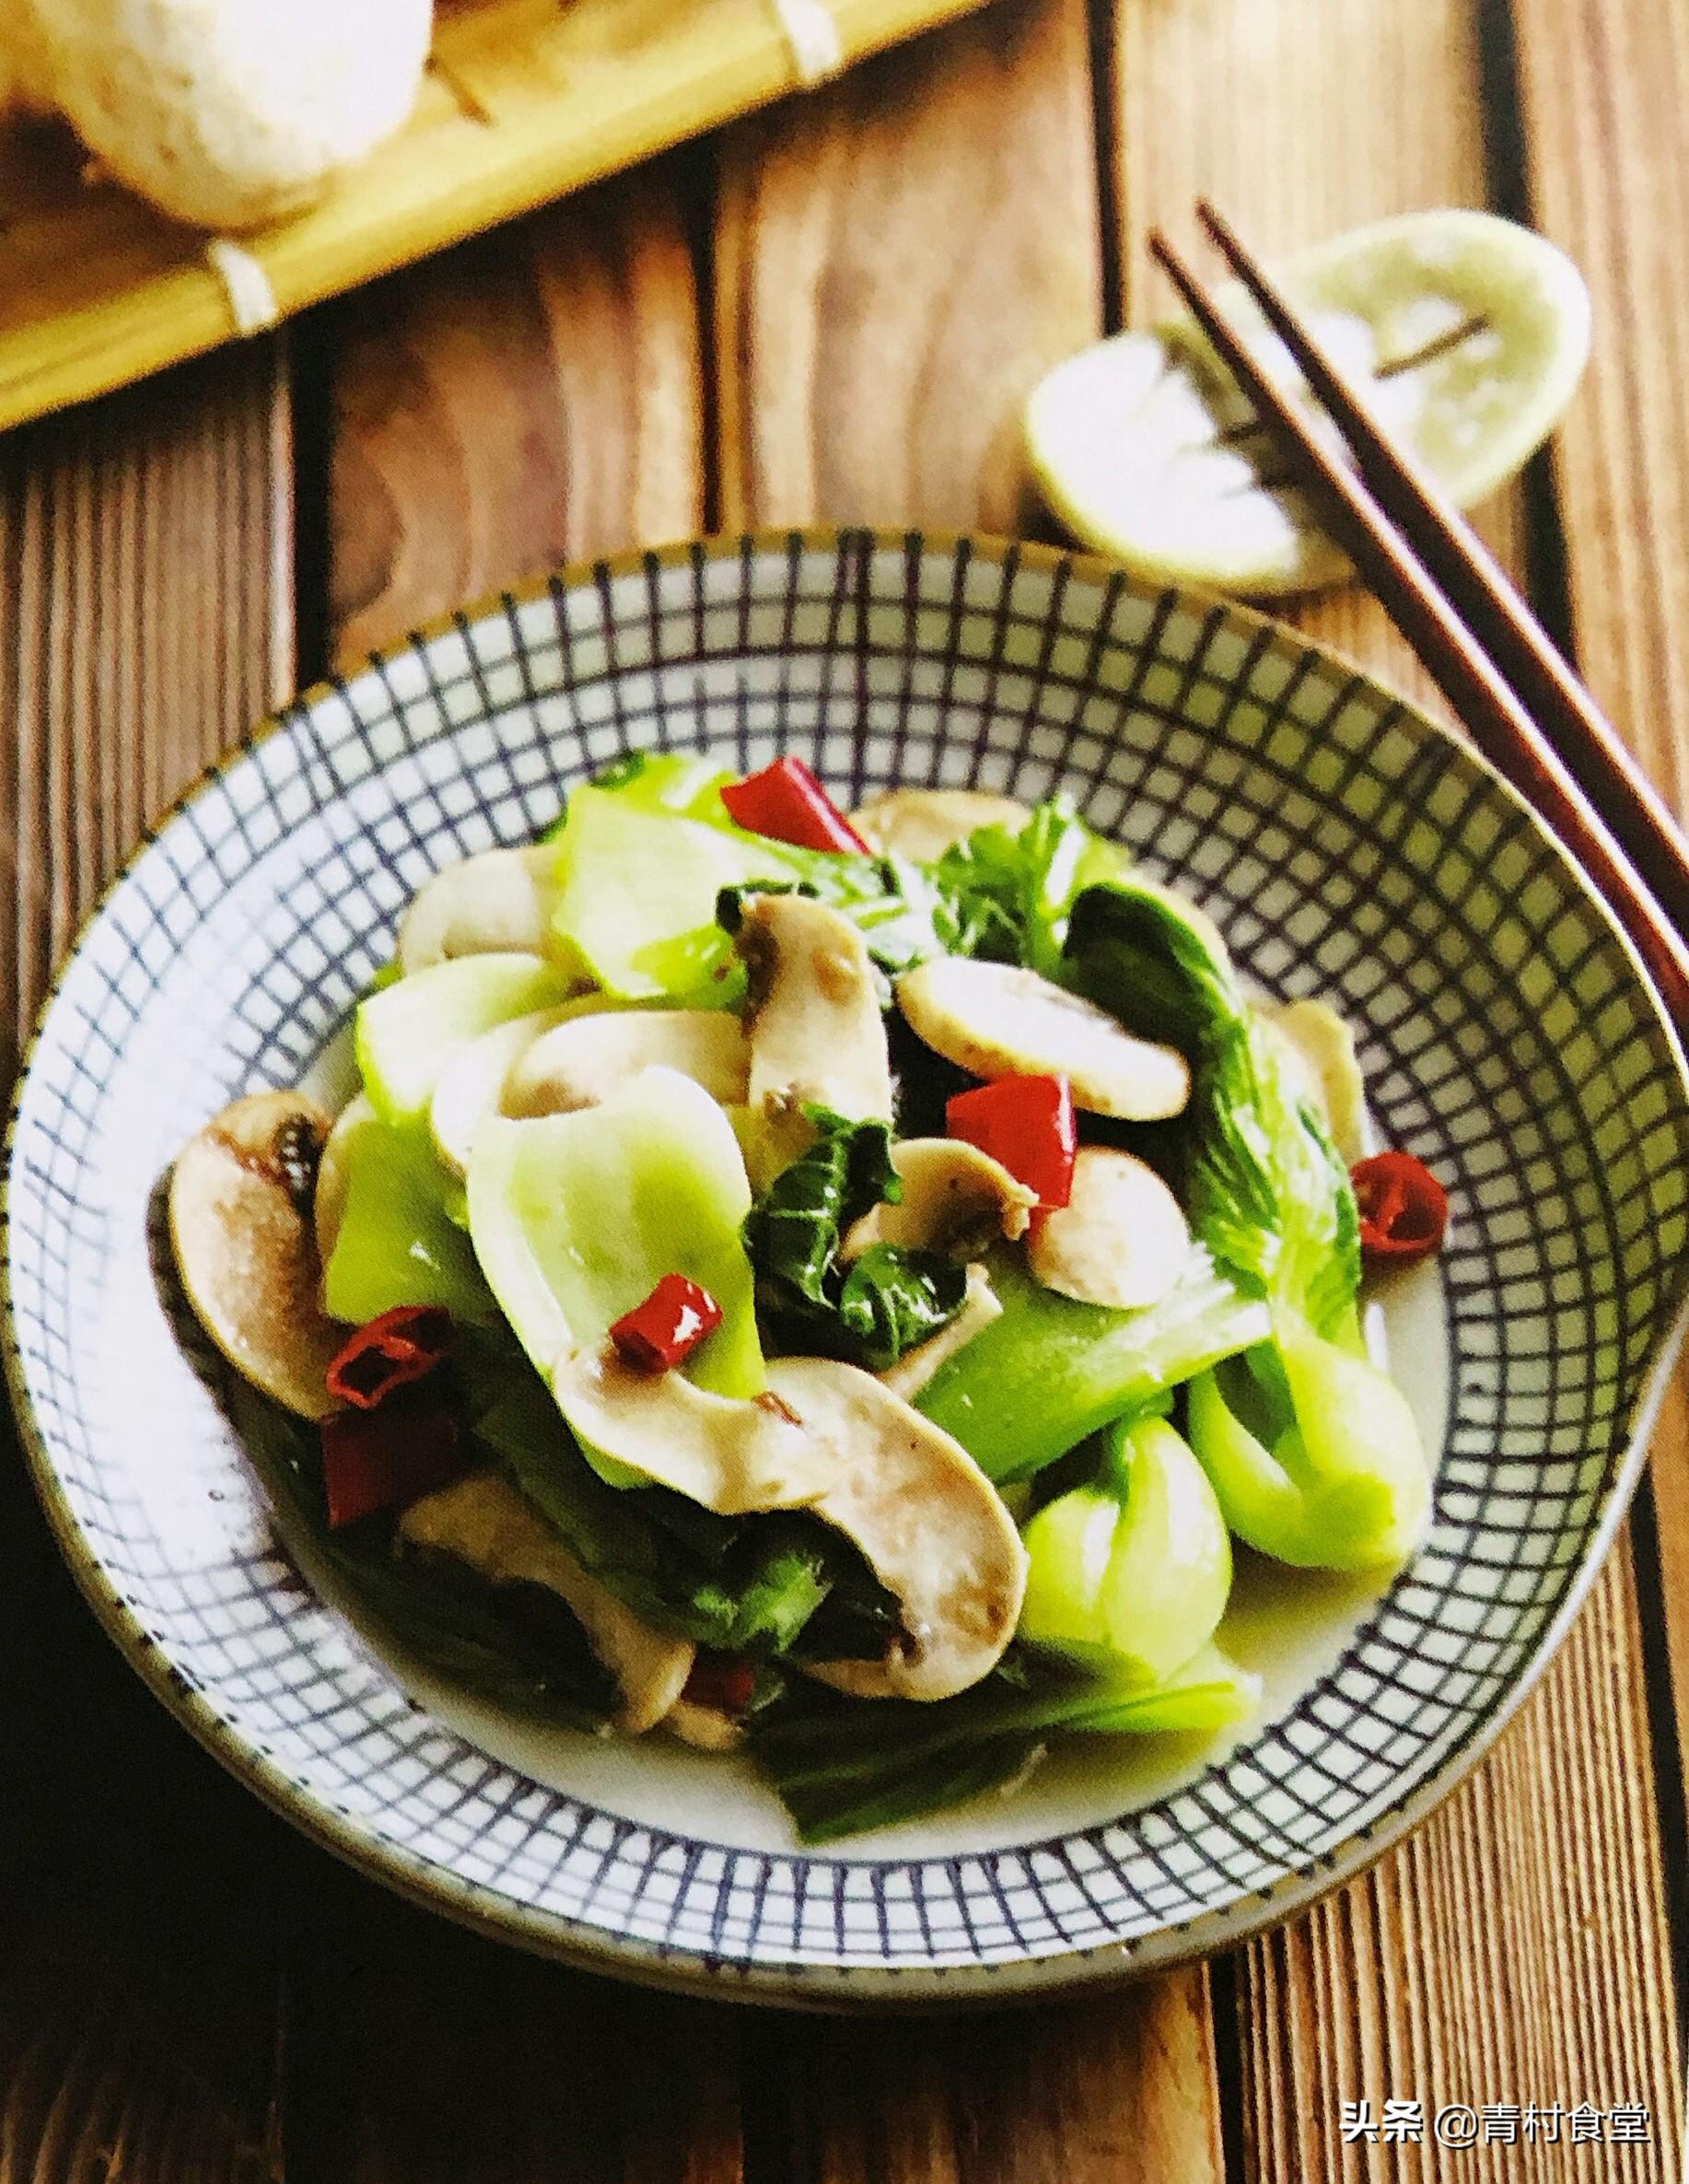 你知道北豆腐和南豆腐的区别吗? 美食做法 第6张